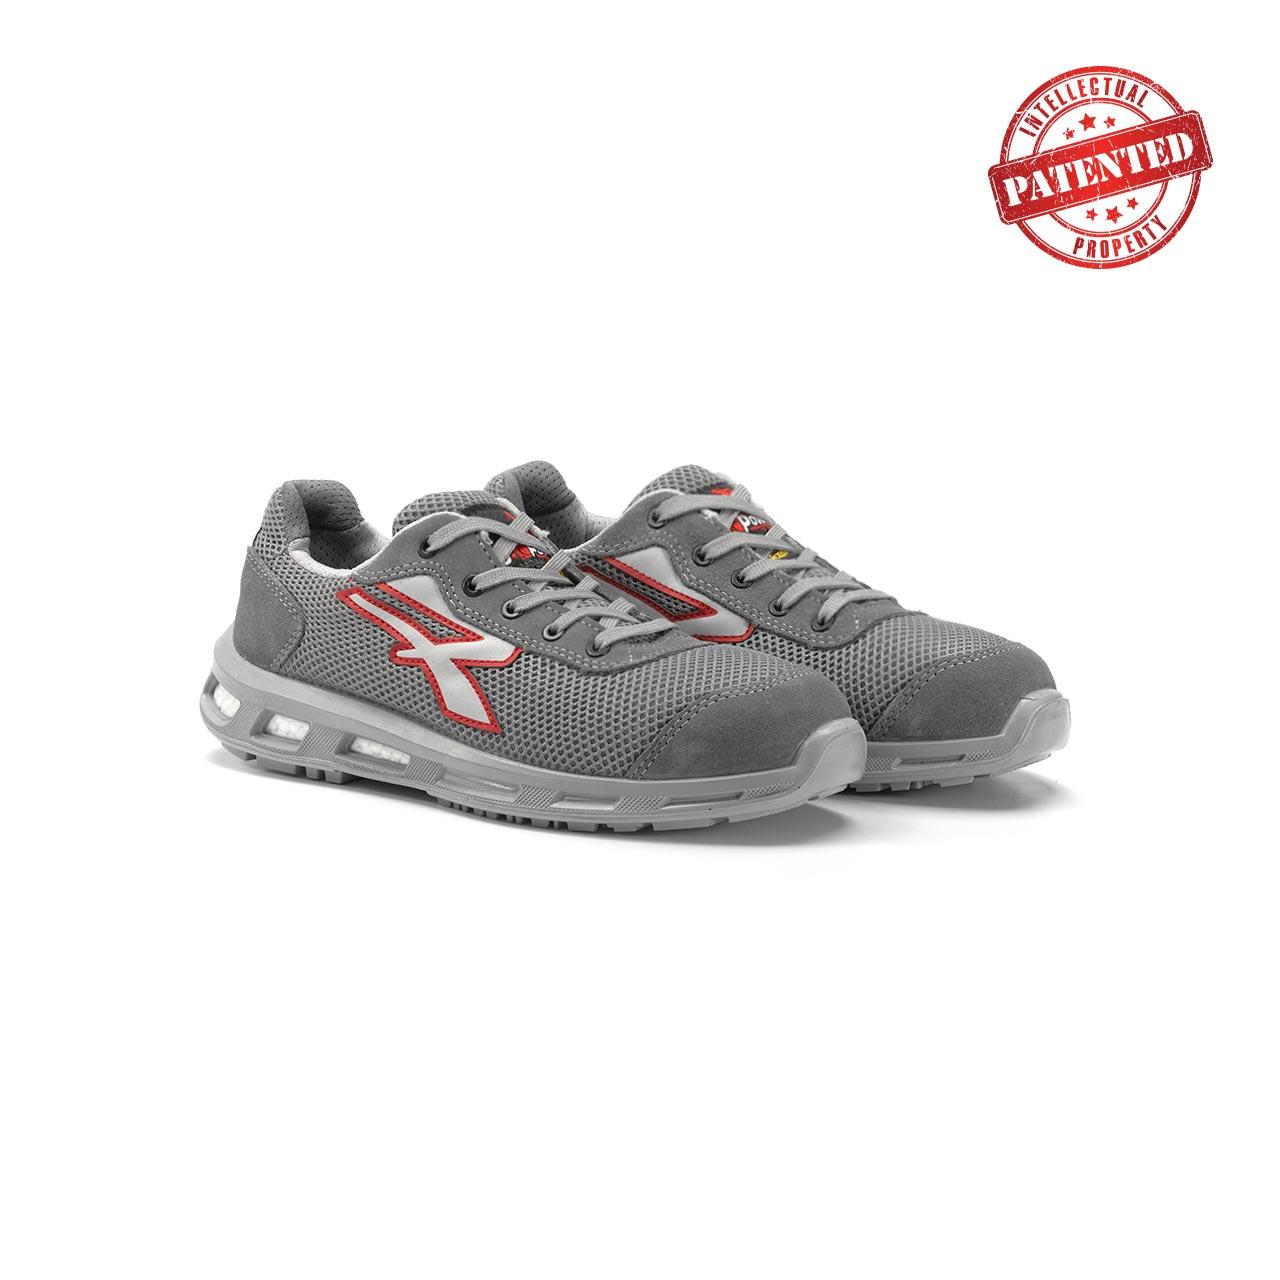 paio di scarpe antinfortunistiche upower modello frequency linea redlion vista prospettica